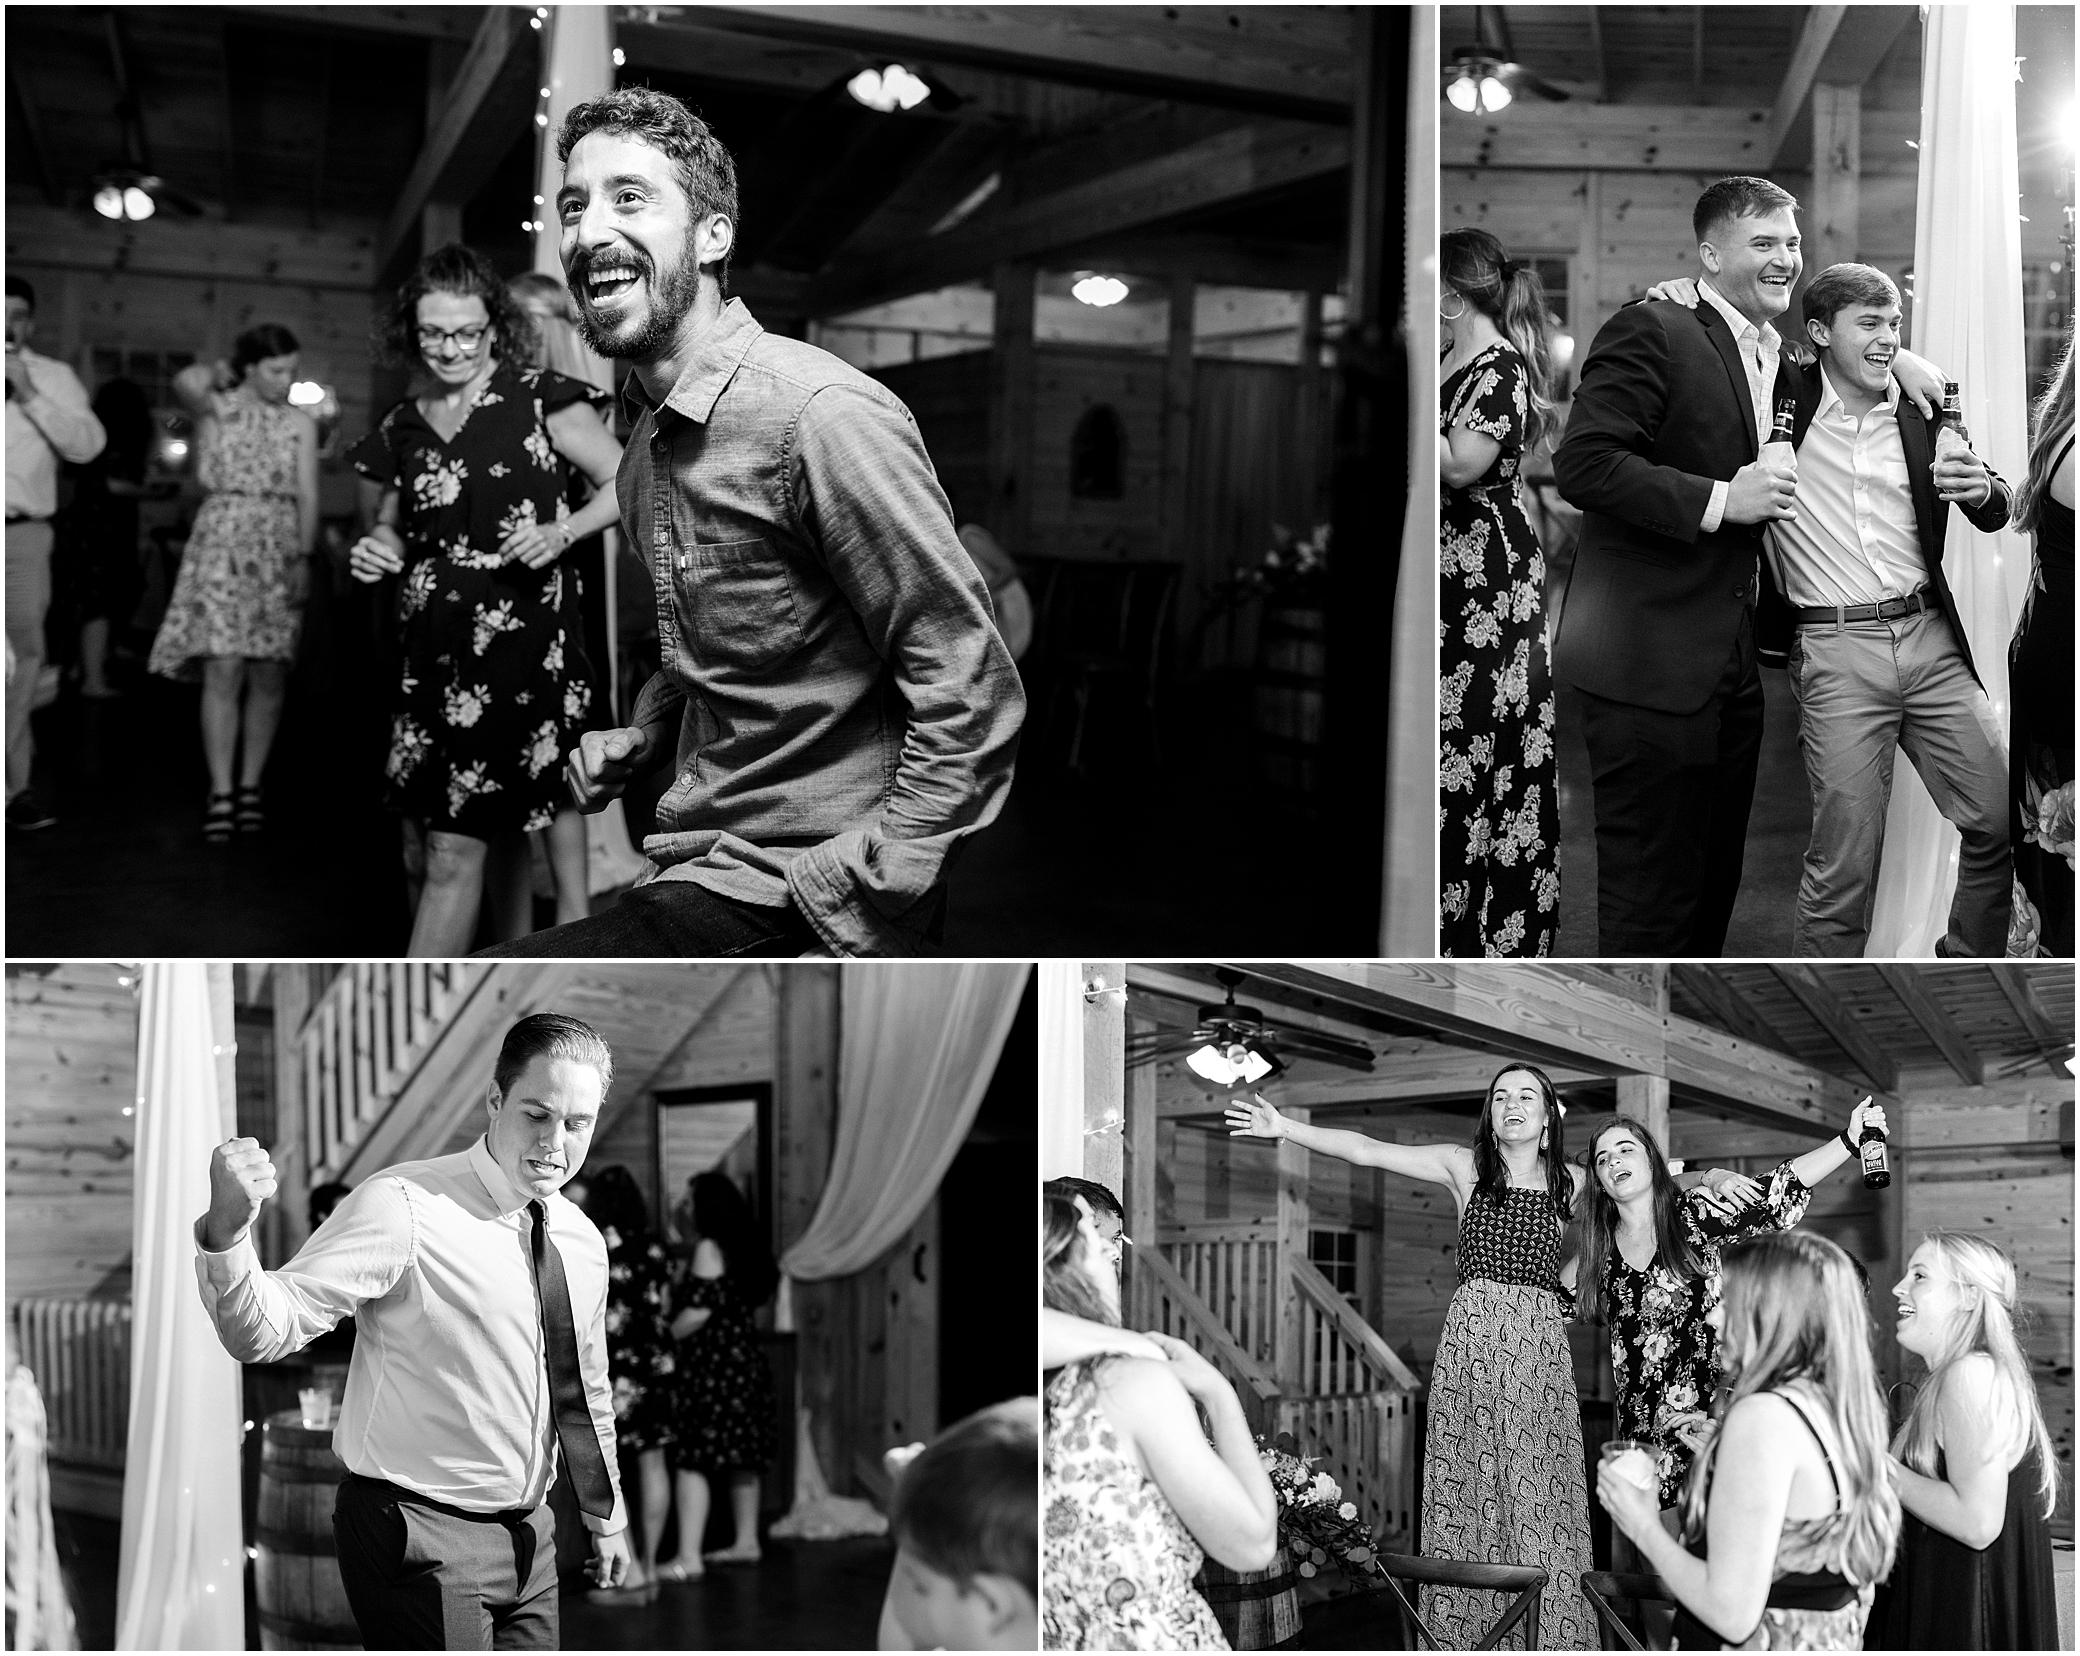 wedding reception dancing in barn at sierra vista wedding